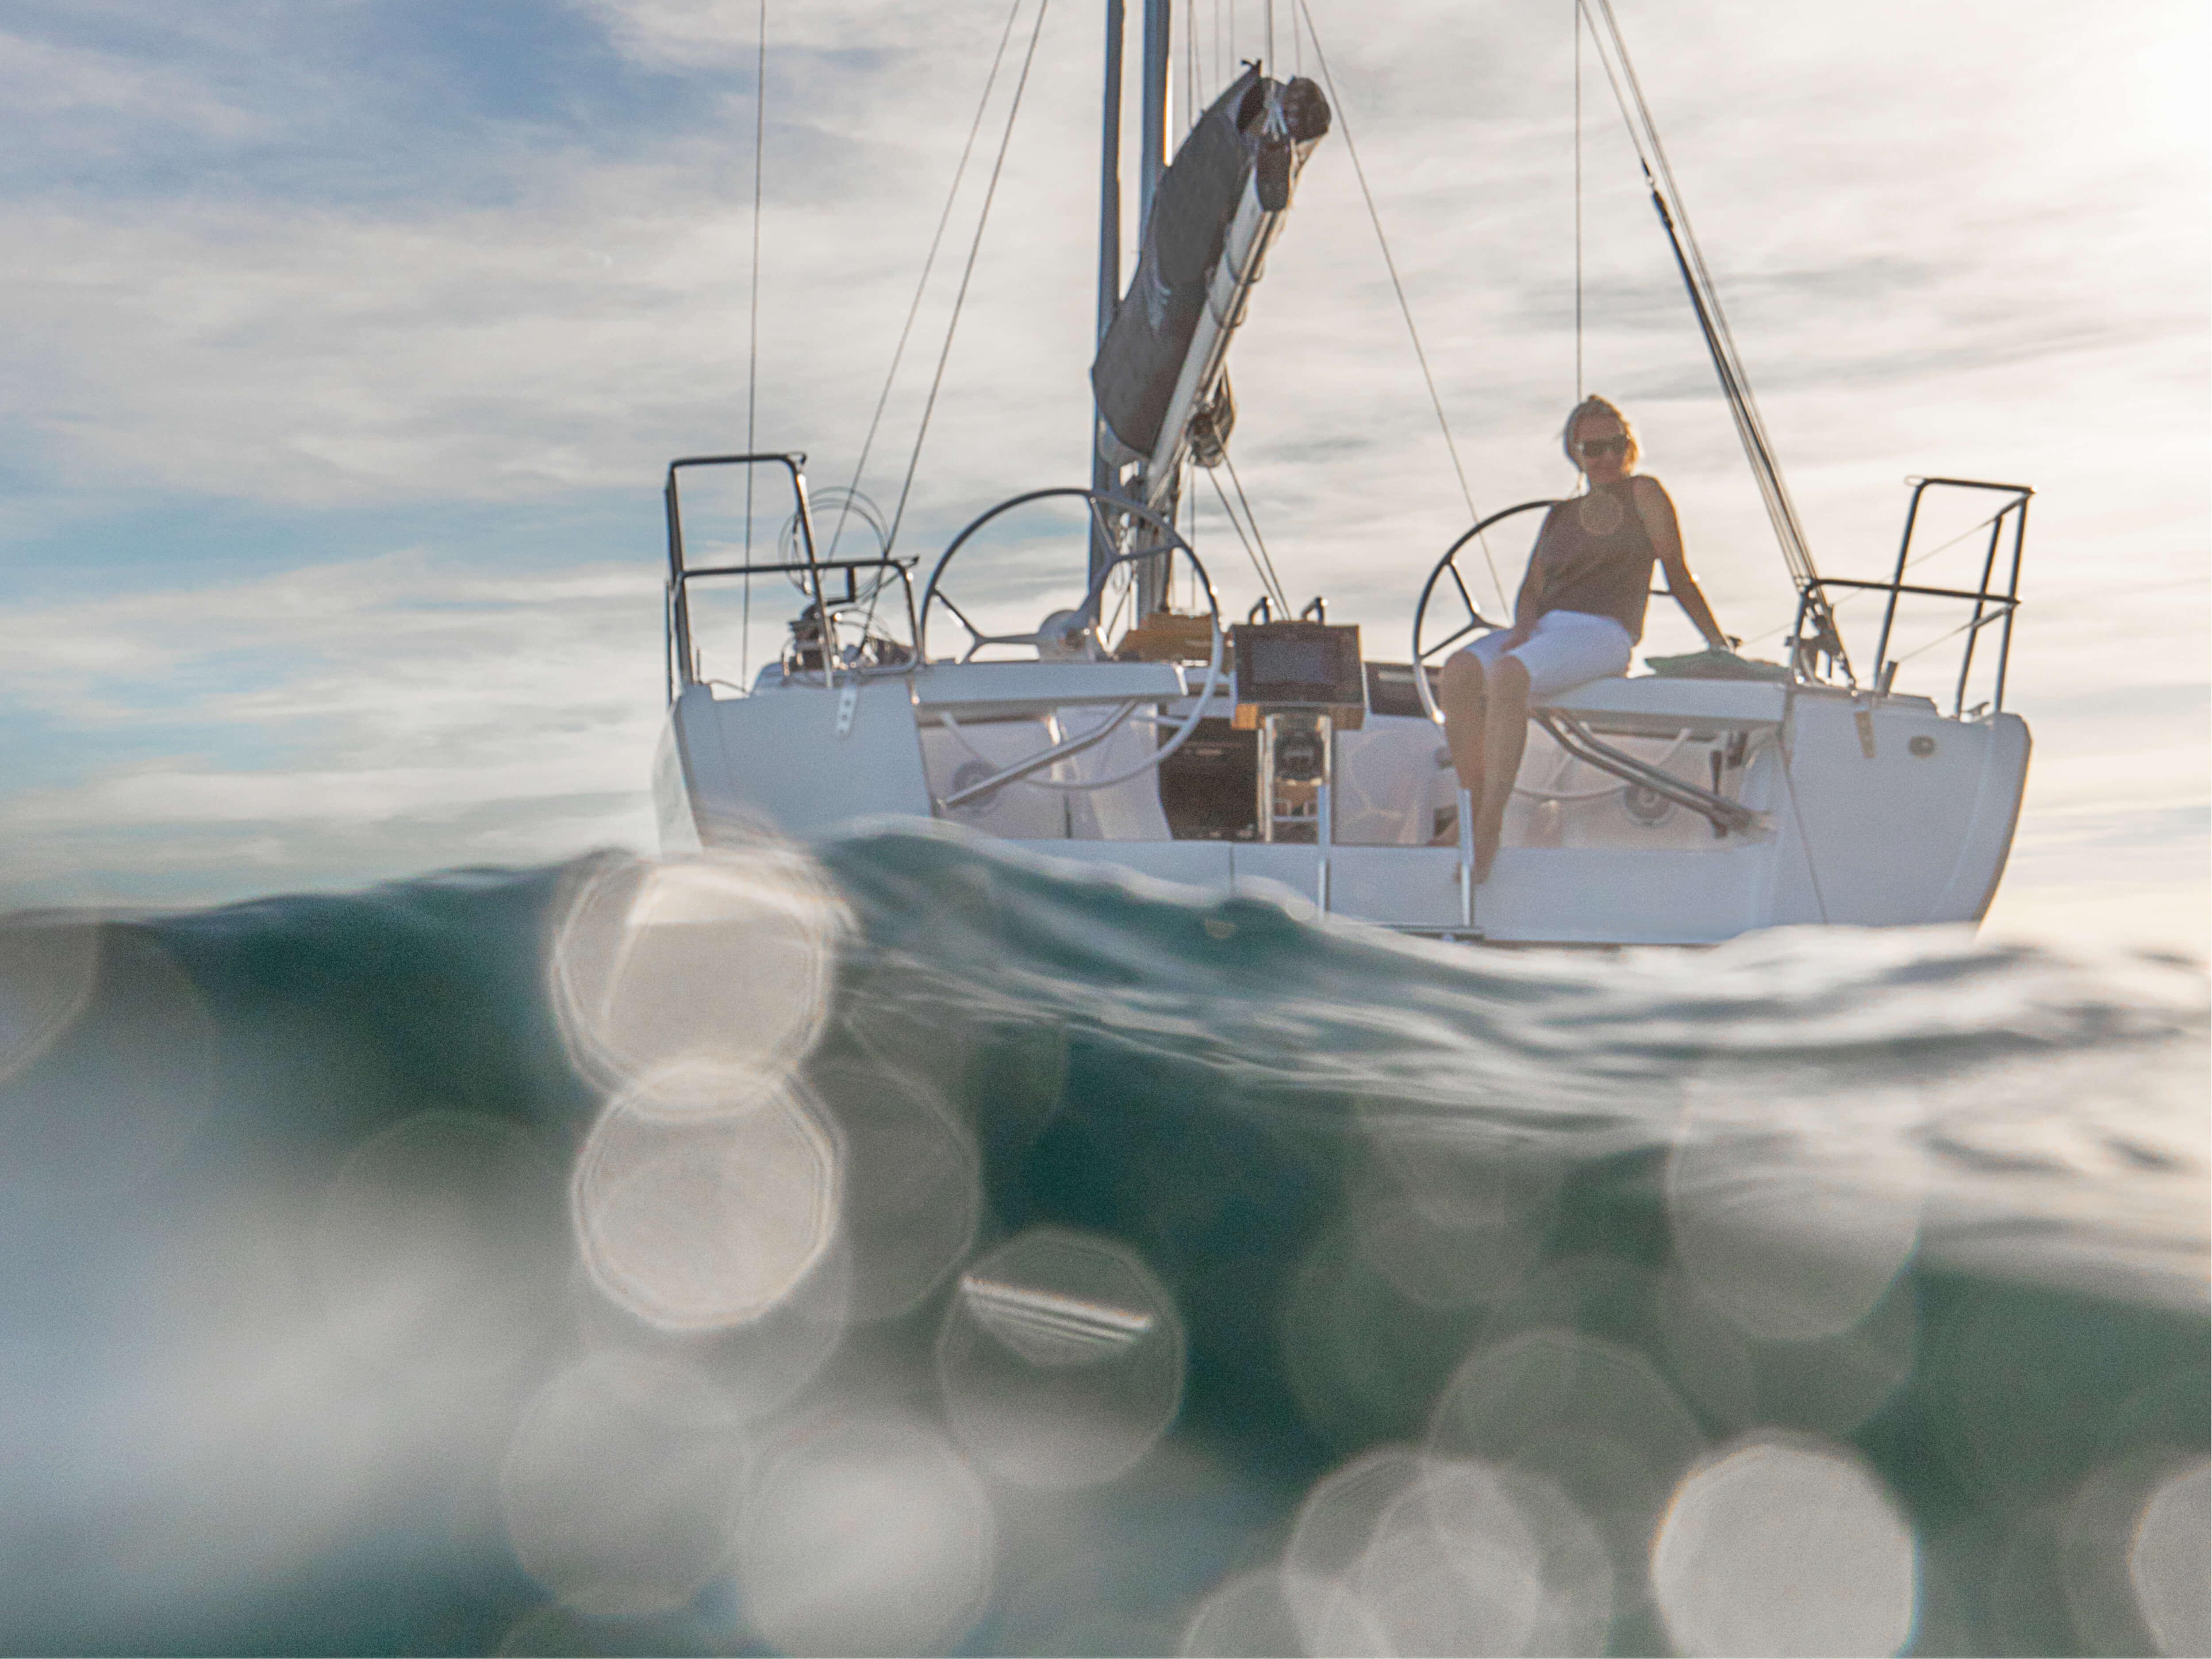 Hanse 418 | Exterior at anchor | Hanse